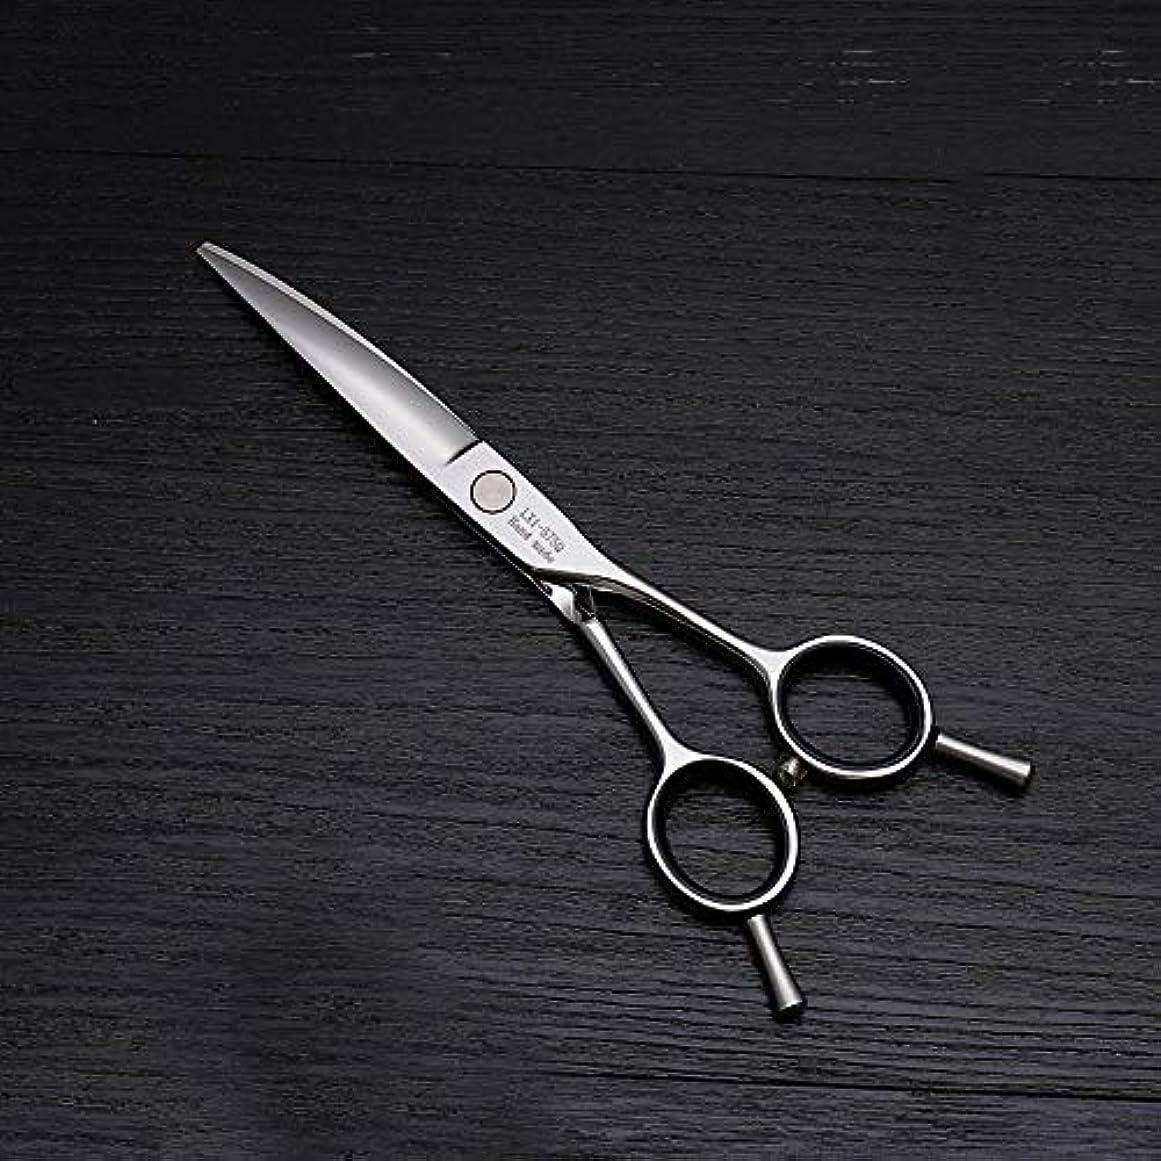 責任者スナッチ職業理髪用はさみ 6インチ美容院プロのヘアカット兼用バリカン、ステンレス鋼トリマー毛切断鋏ステンレス理髪はさみ (色 : Silver)